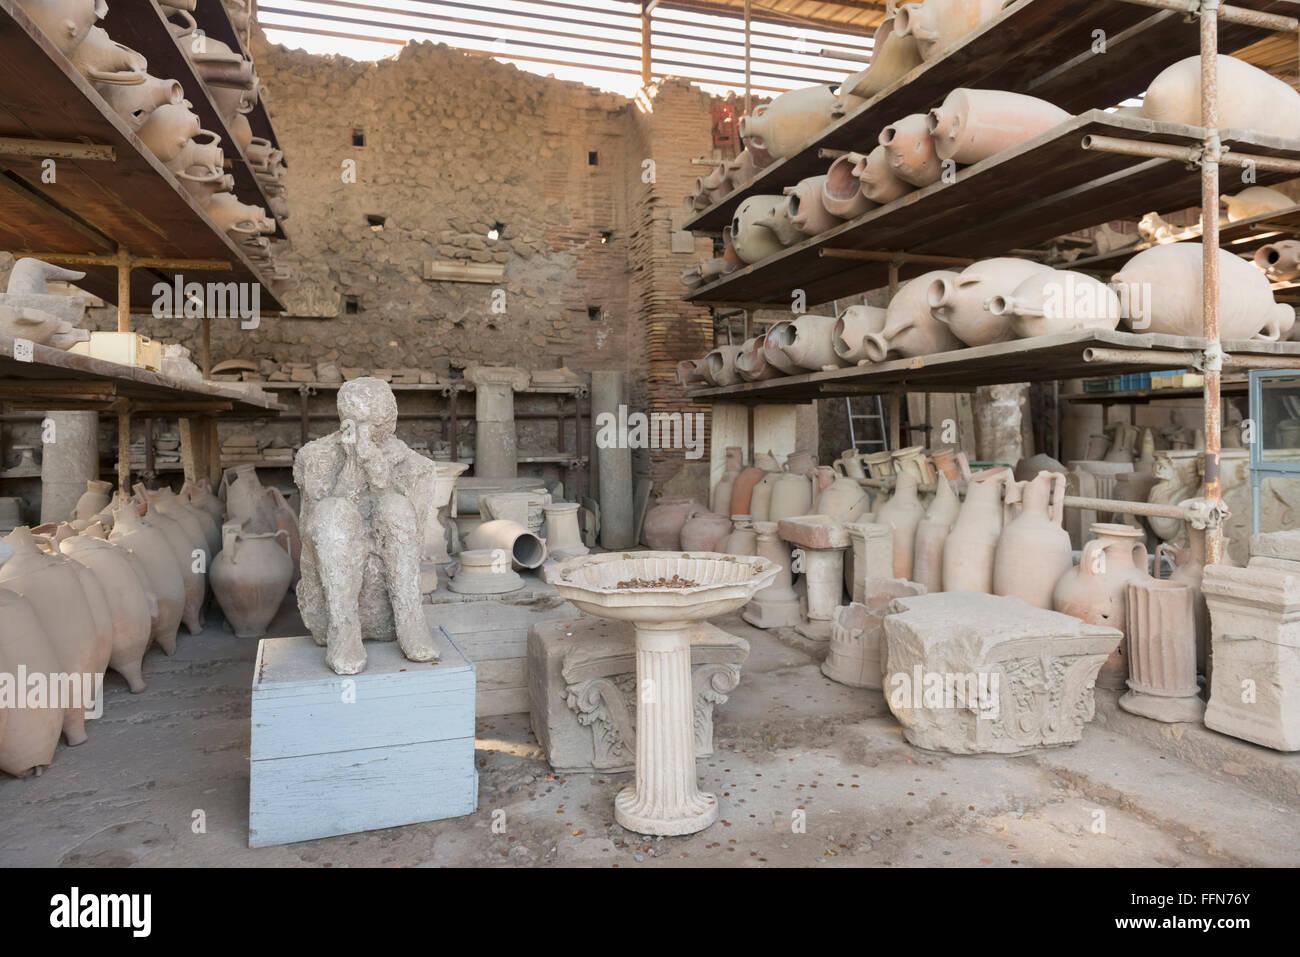 Las ollas de barro y el elenco de una persona recuperados de las ruinas de Pompeya, Italia, Europa Foto de stock